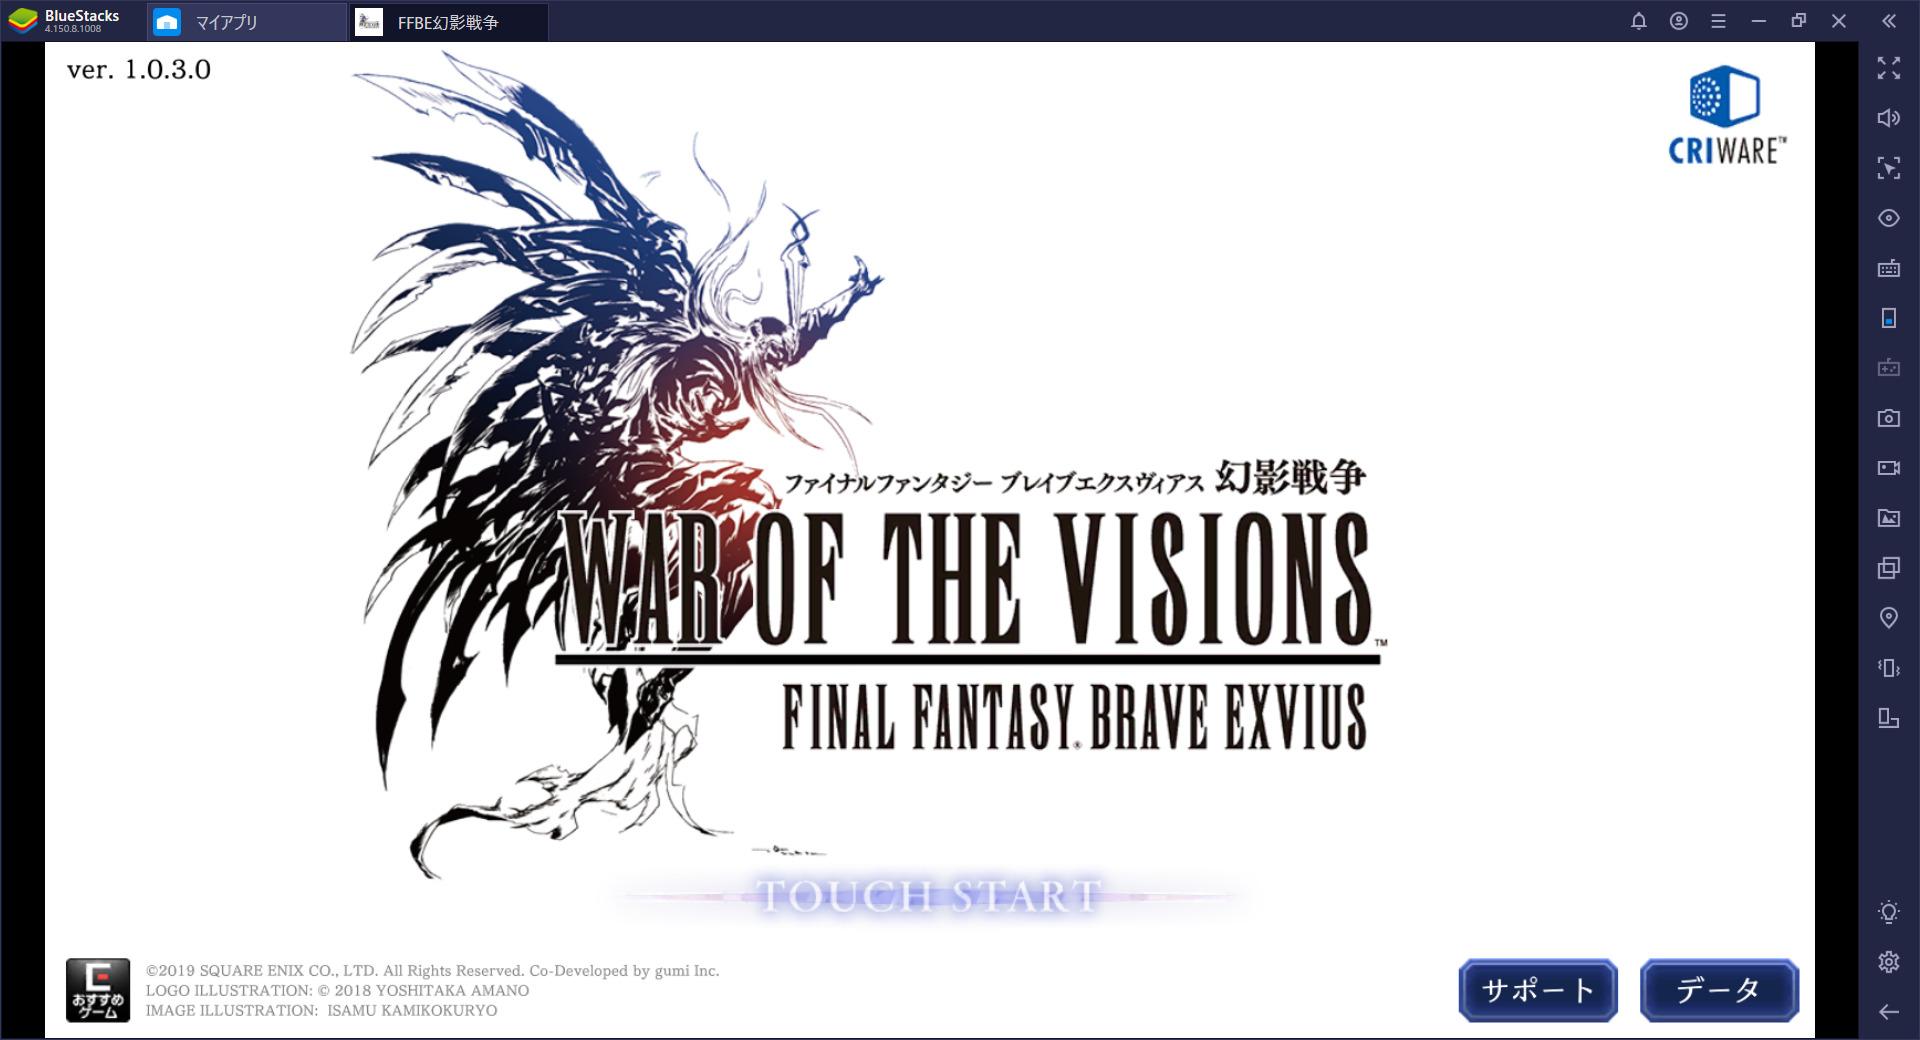 BlueStacksを使ってPCで『FFBE 幻影戦争 War of the Visions』を遊ぼう